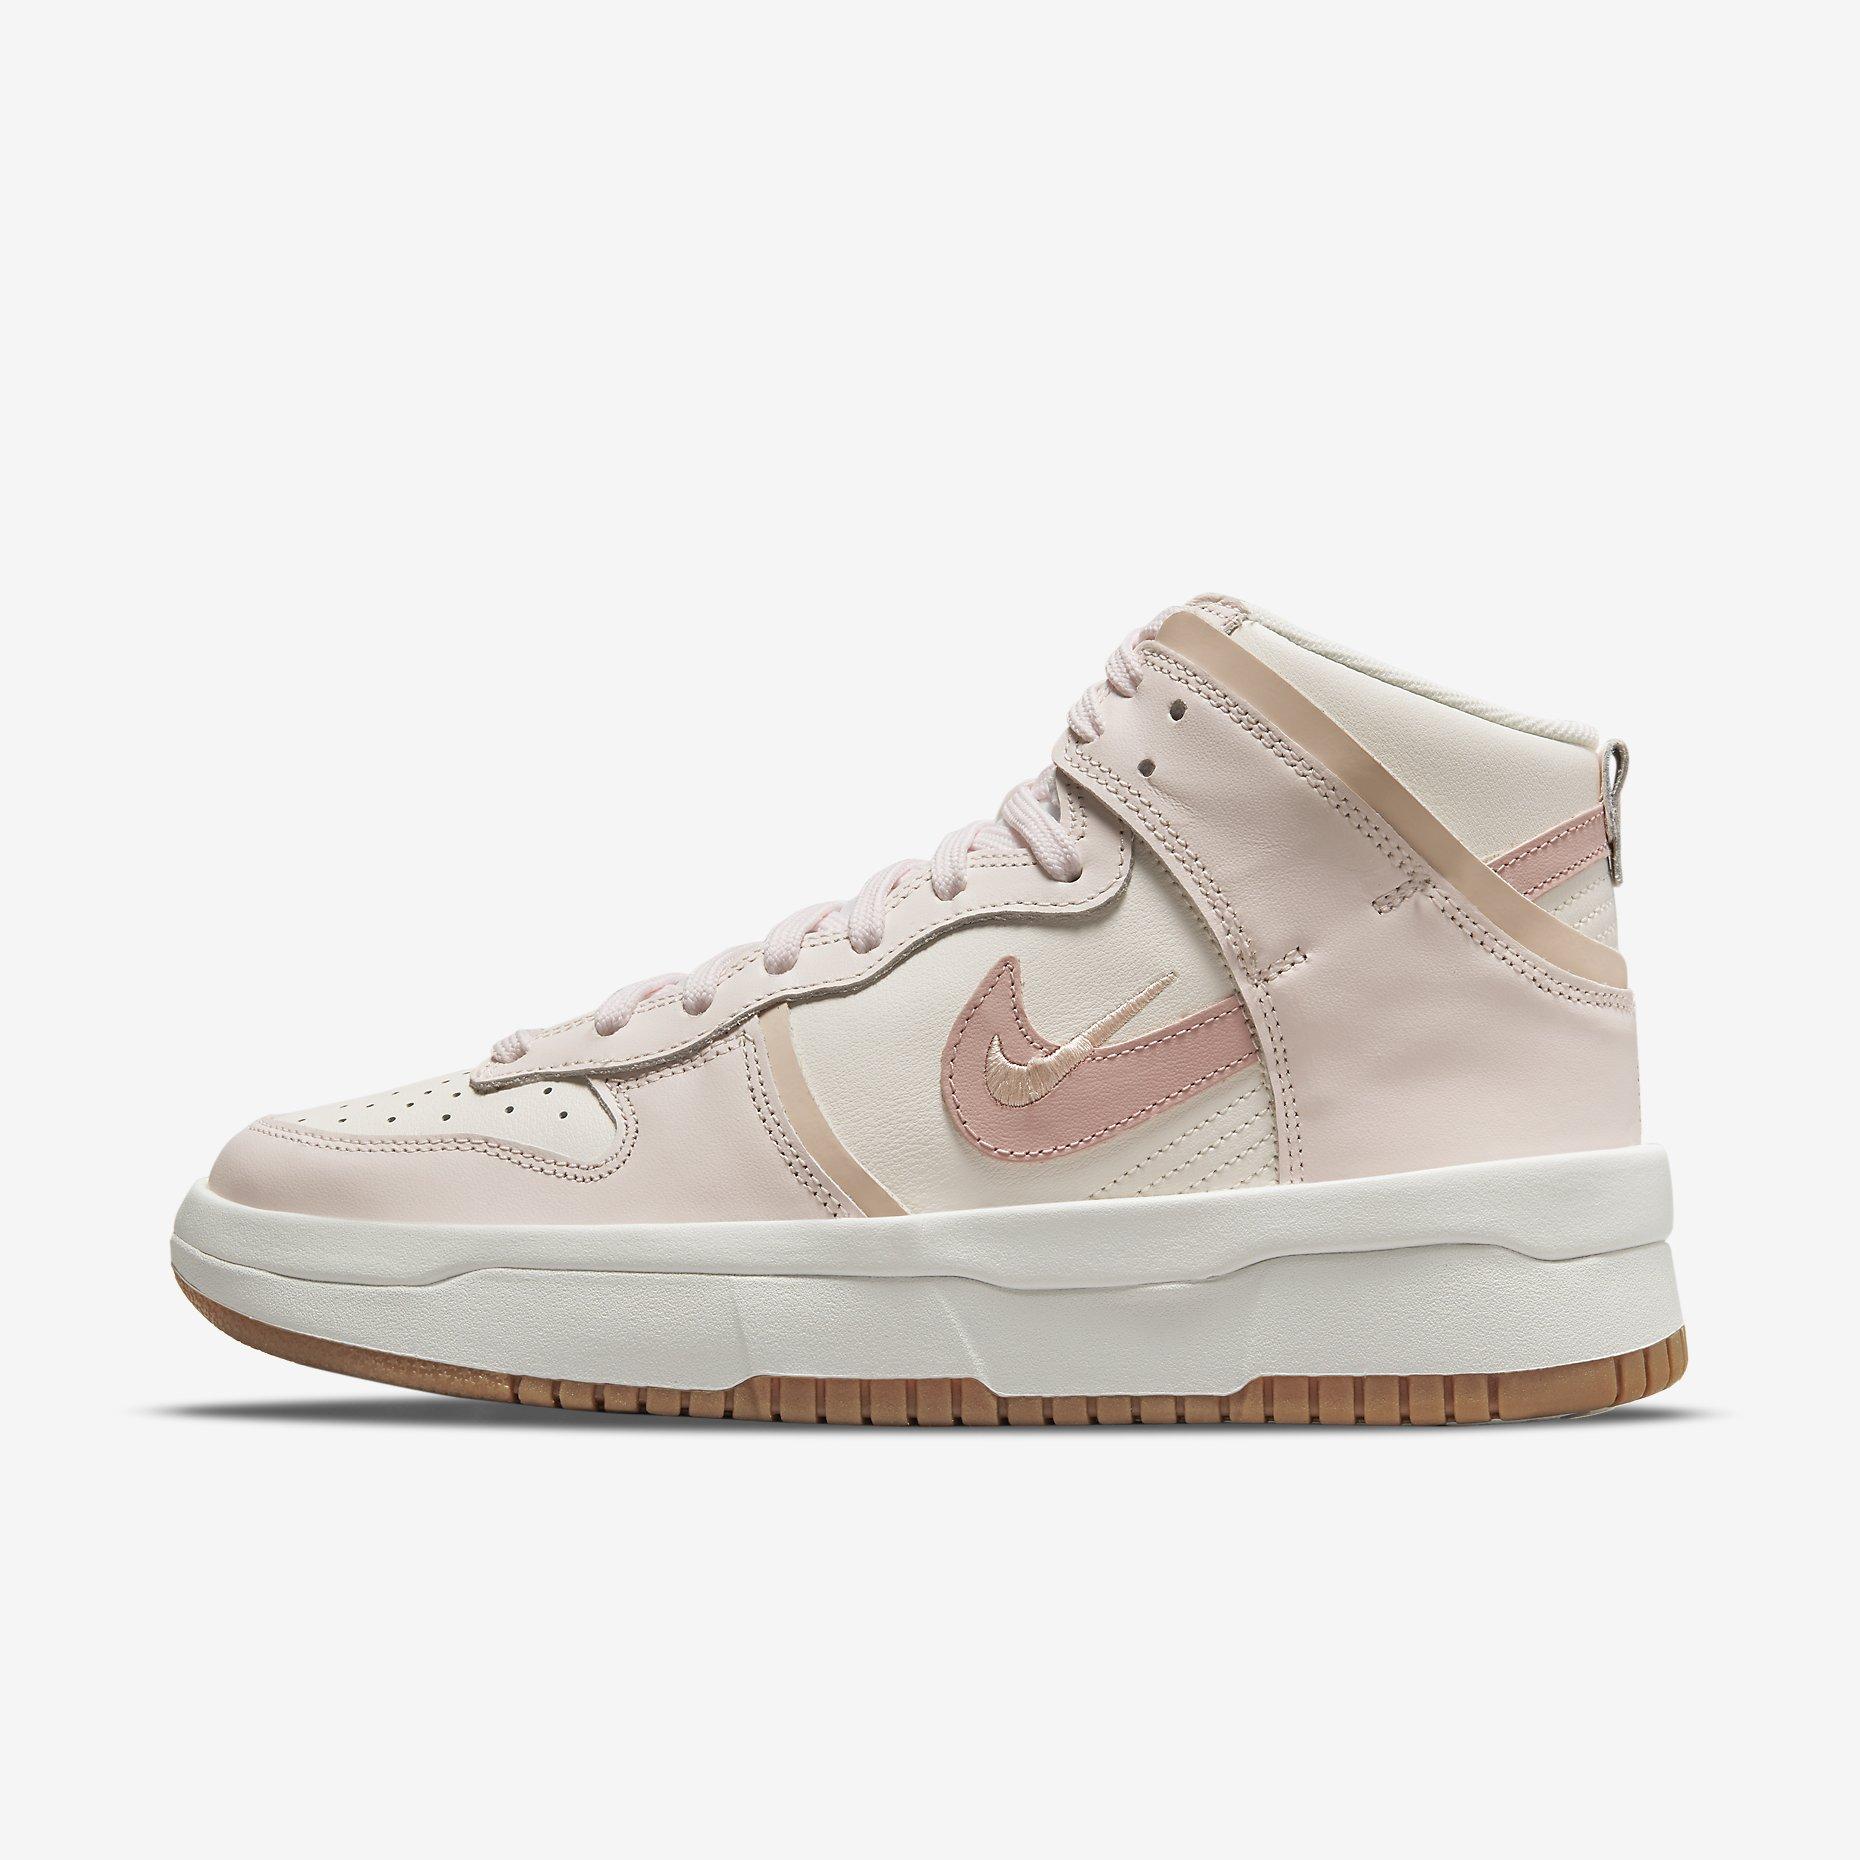 Women's Nike Dunk High Up 'Sail/Light Soft Pink'